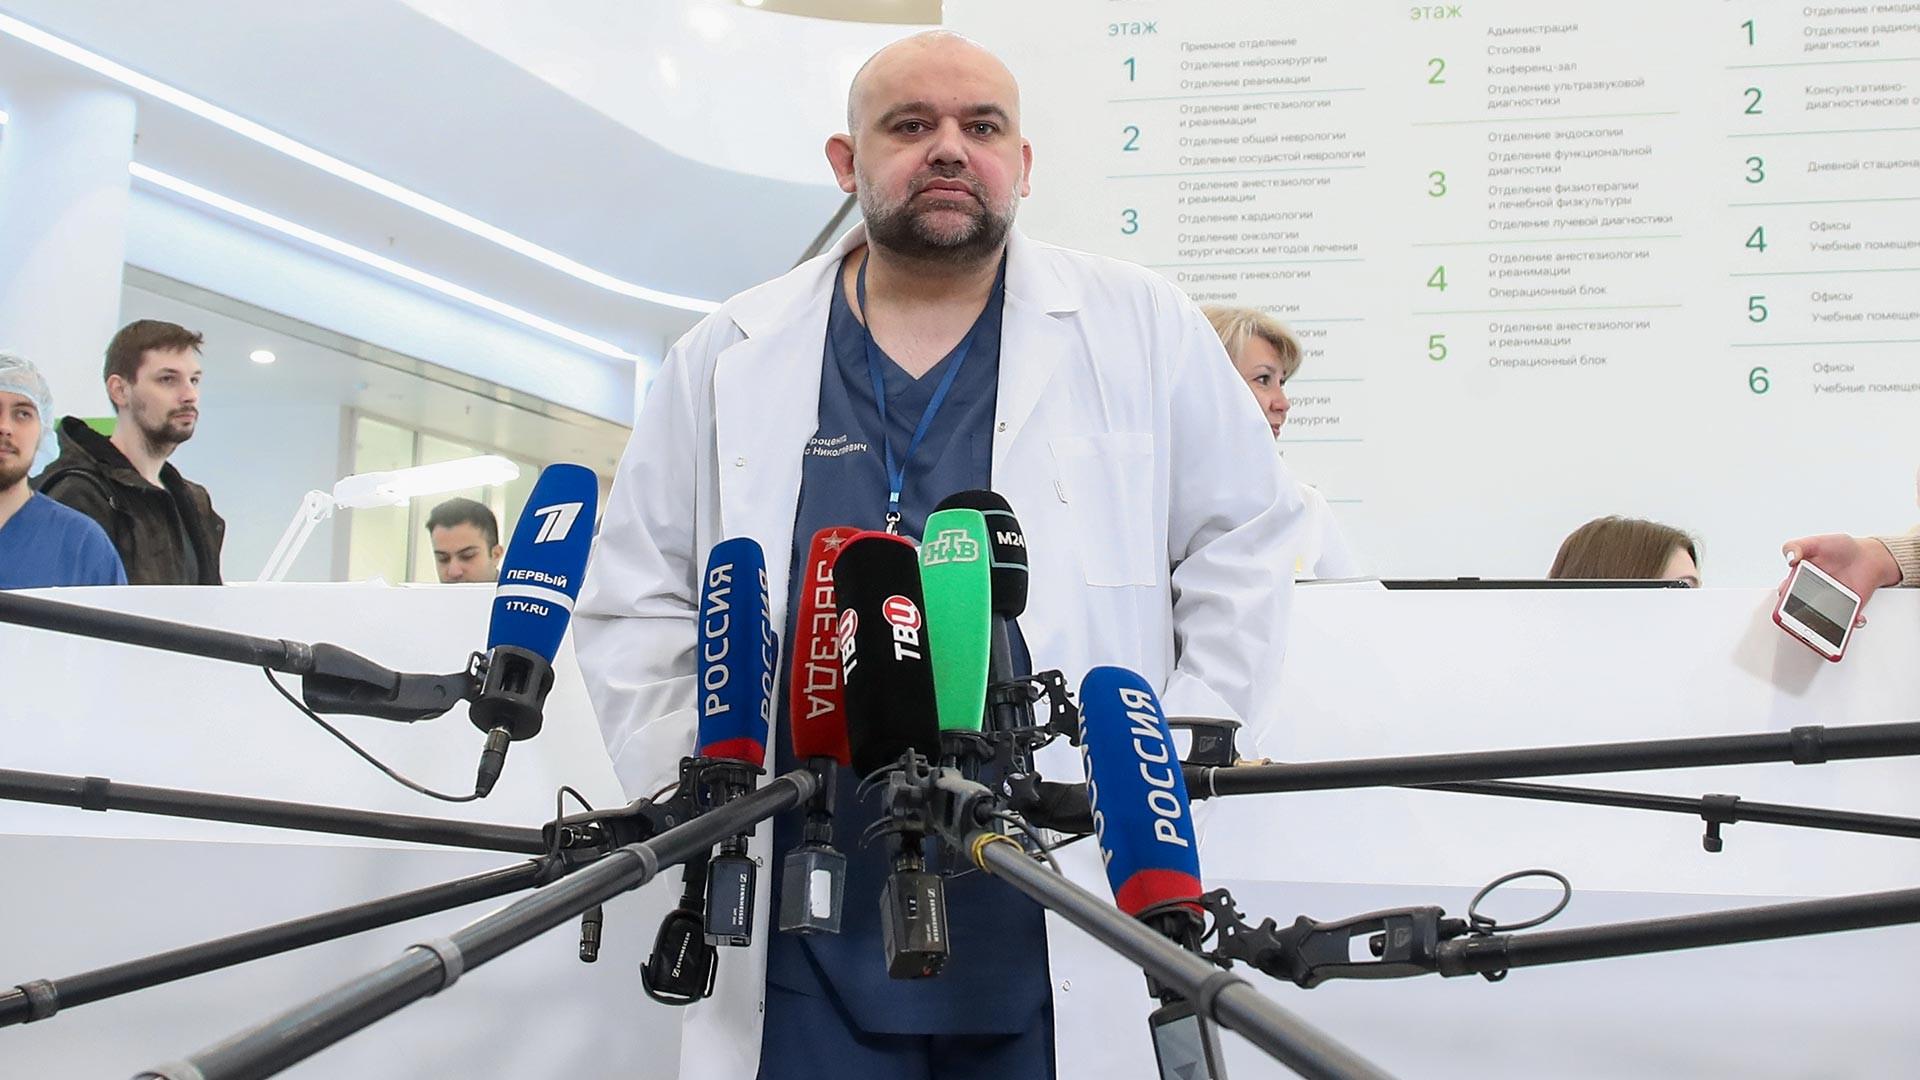 Денис Проценко, главният лекар на московска болница №40 в Комунарка, разговаря с журналисти в многопрофилния медицински център